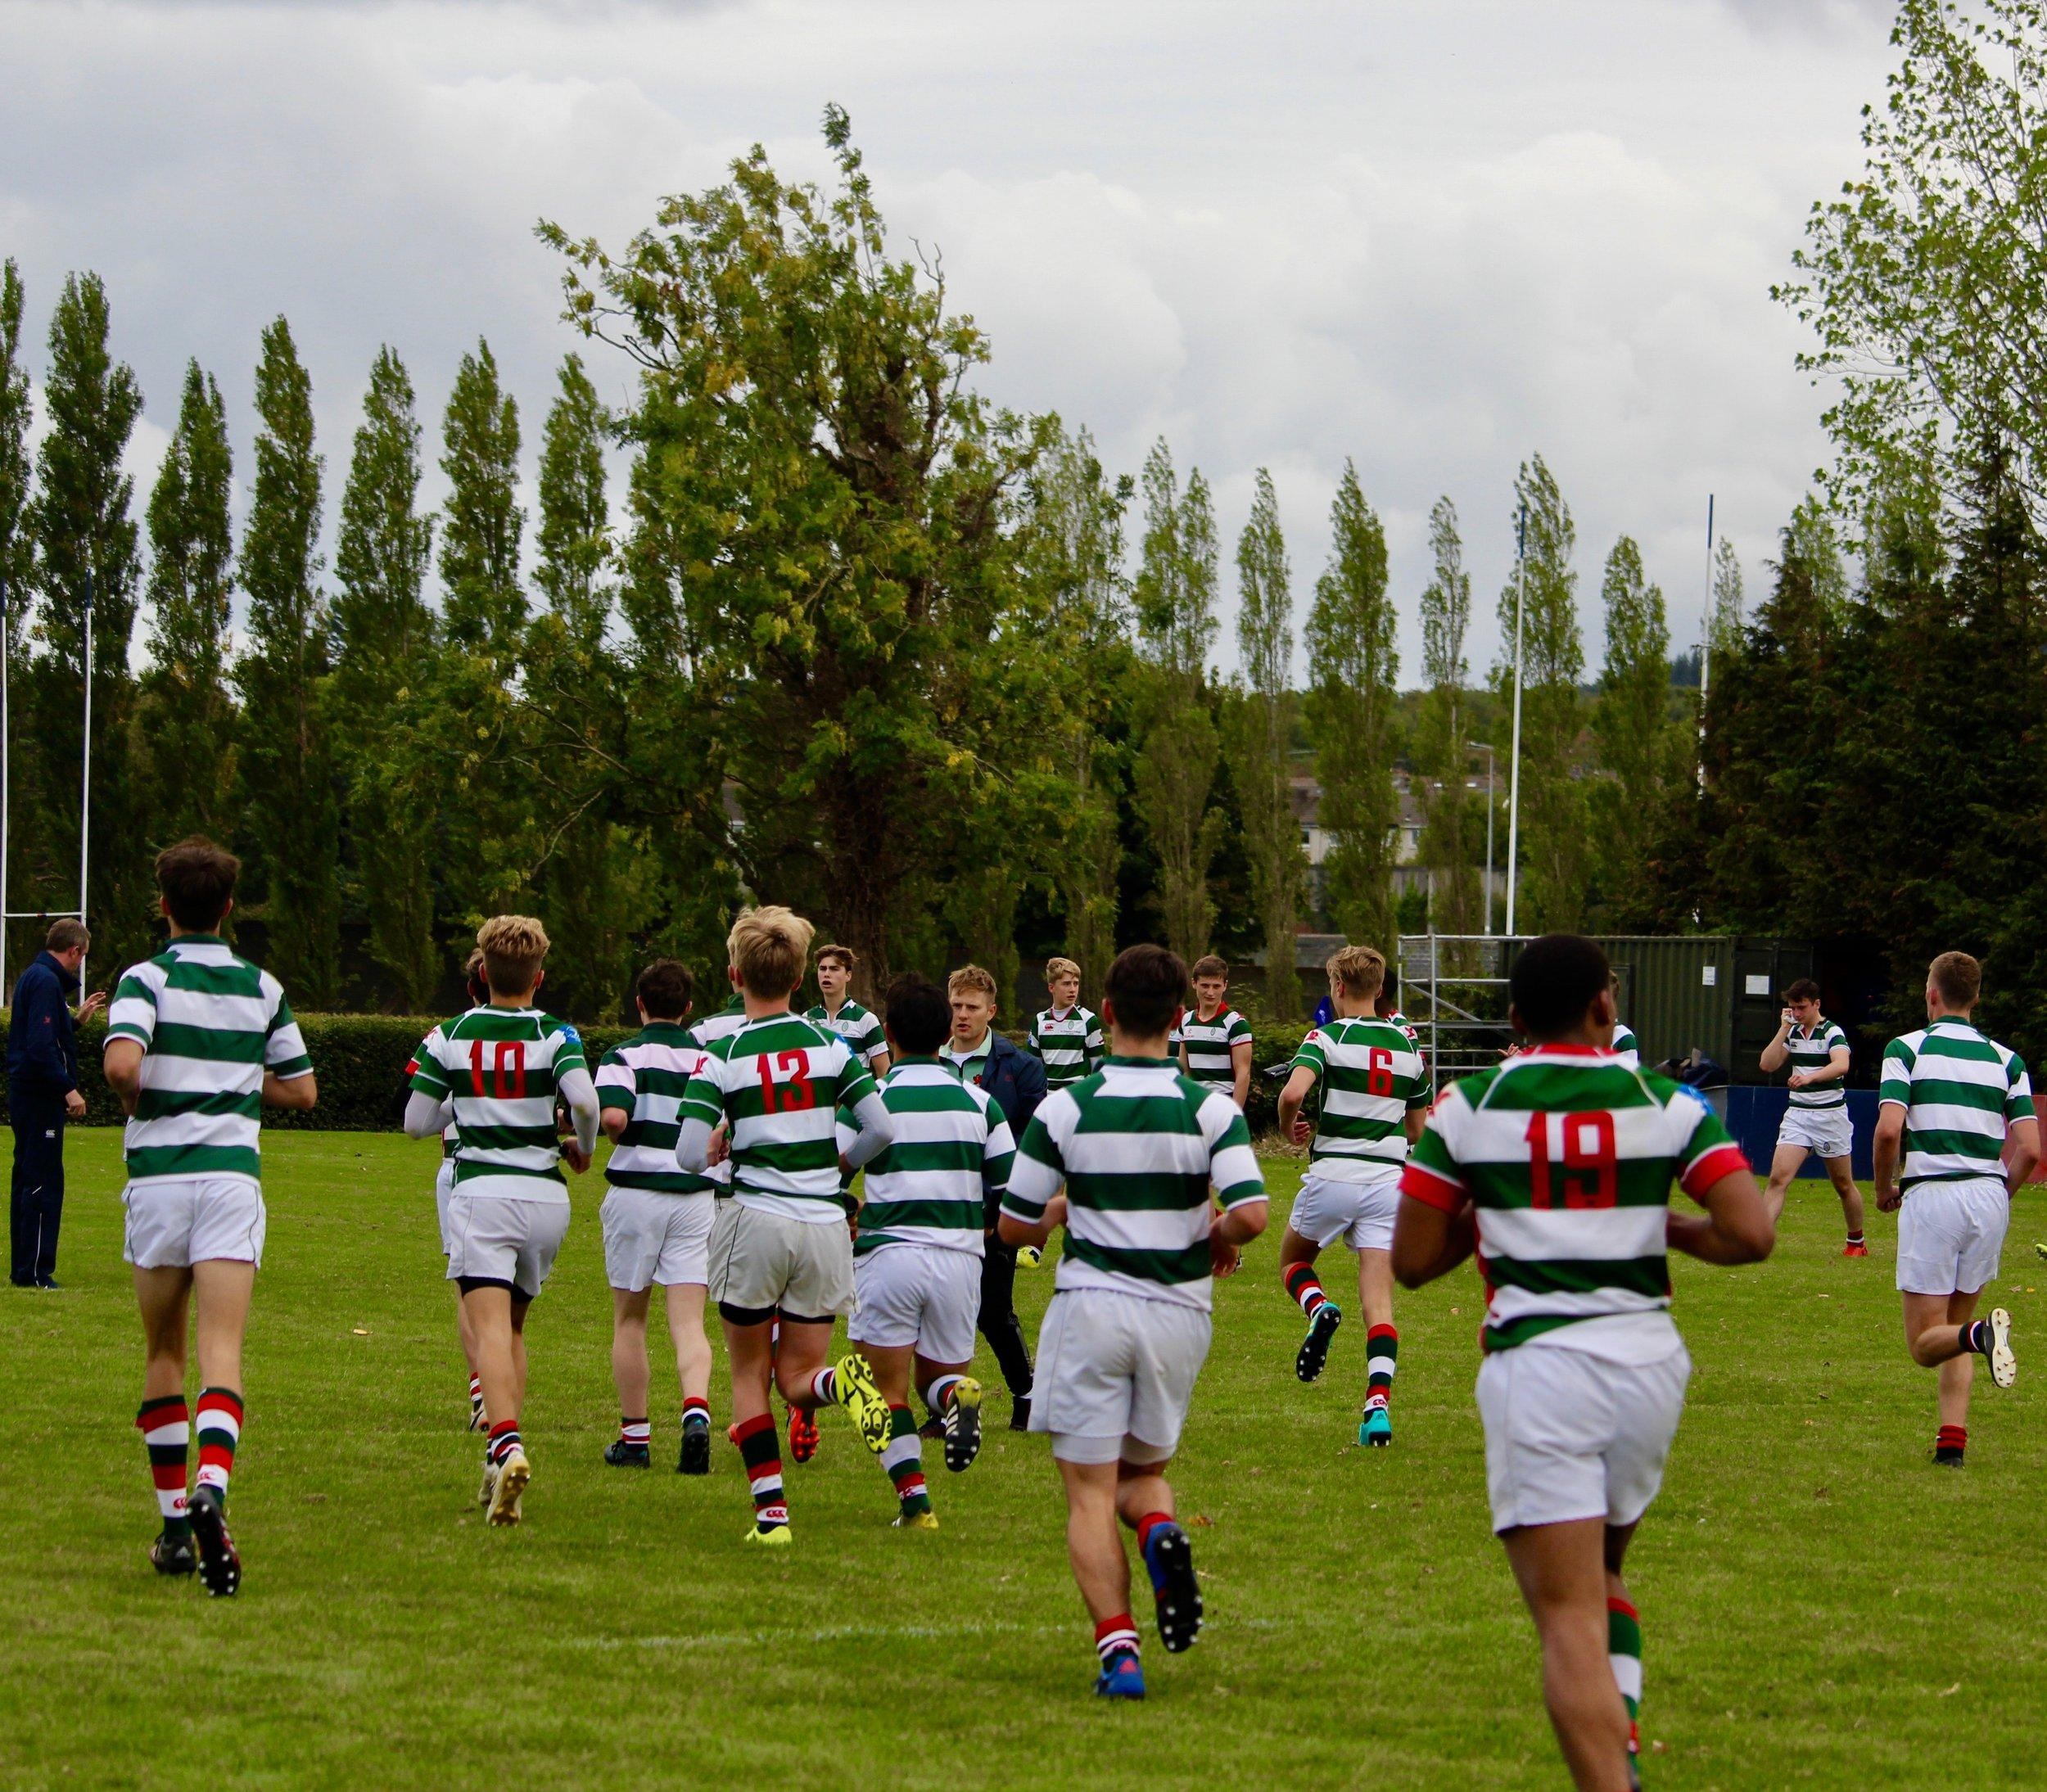 rugby-team-victory-1663525.jpg